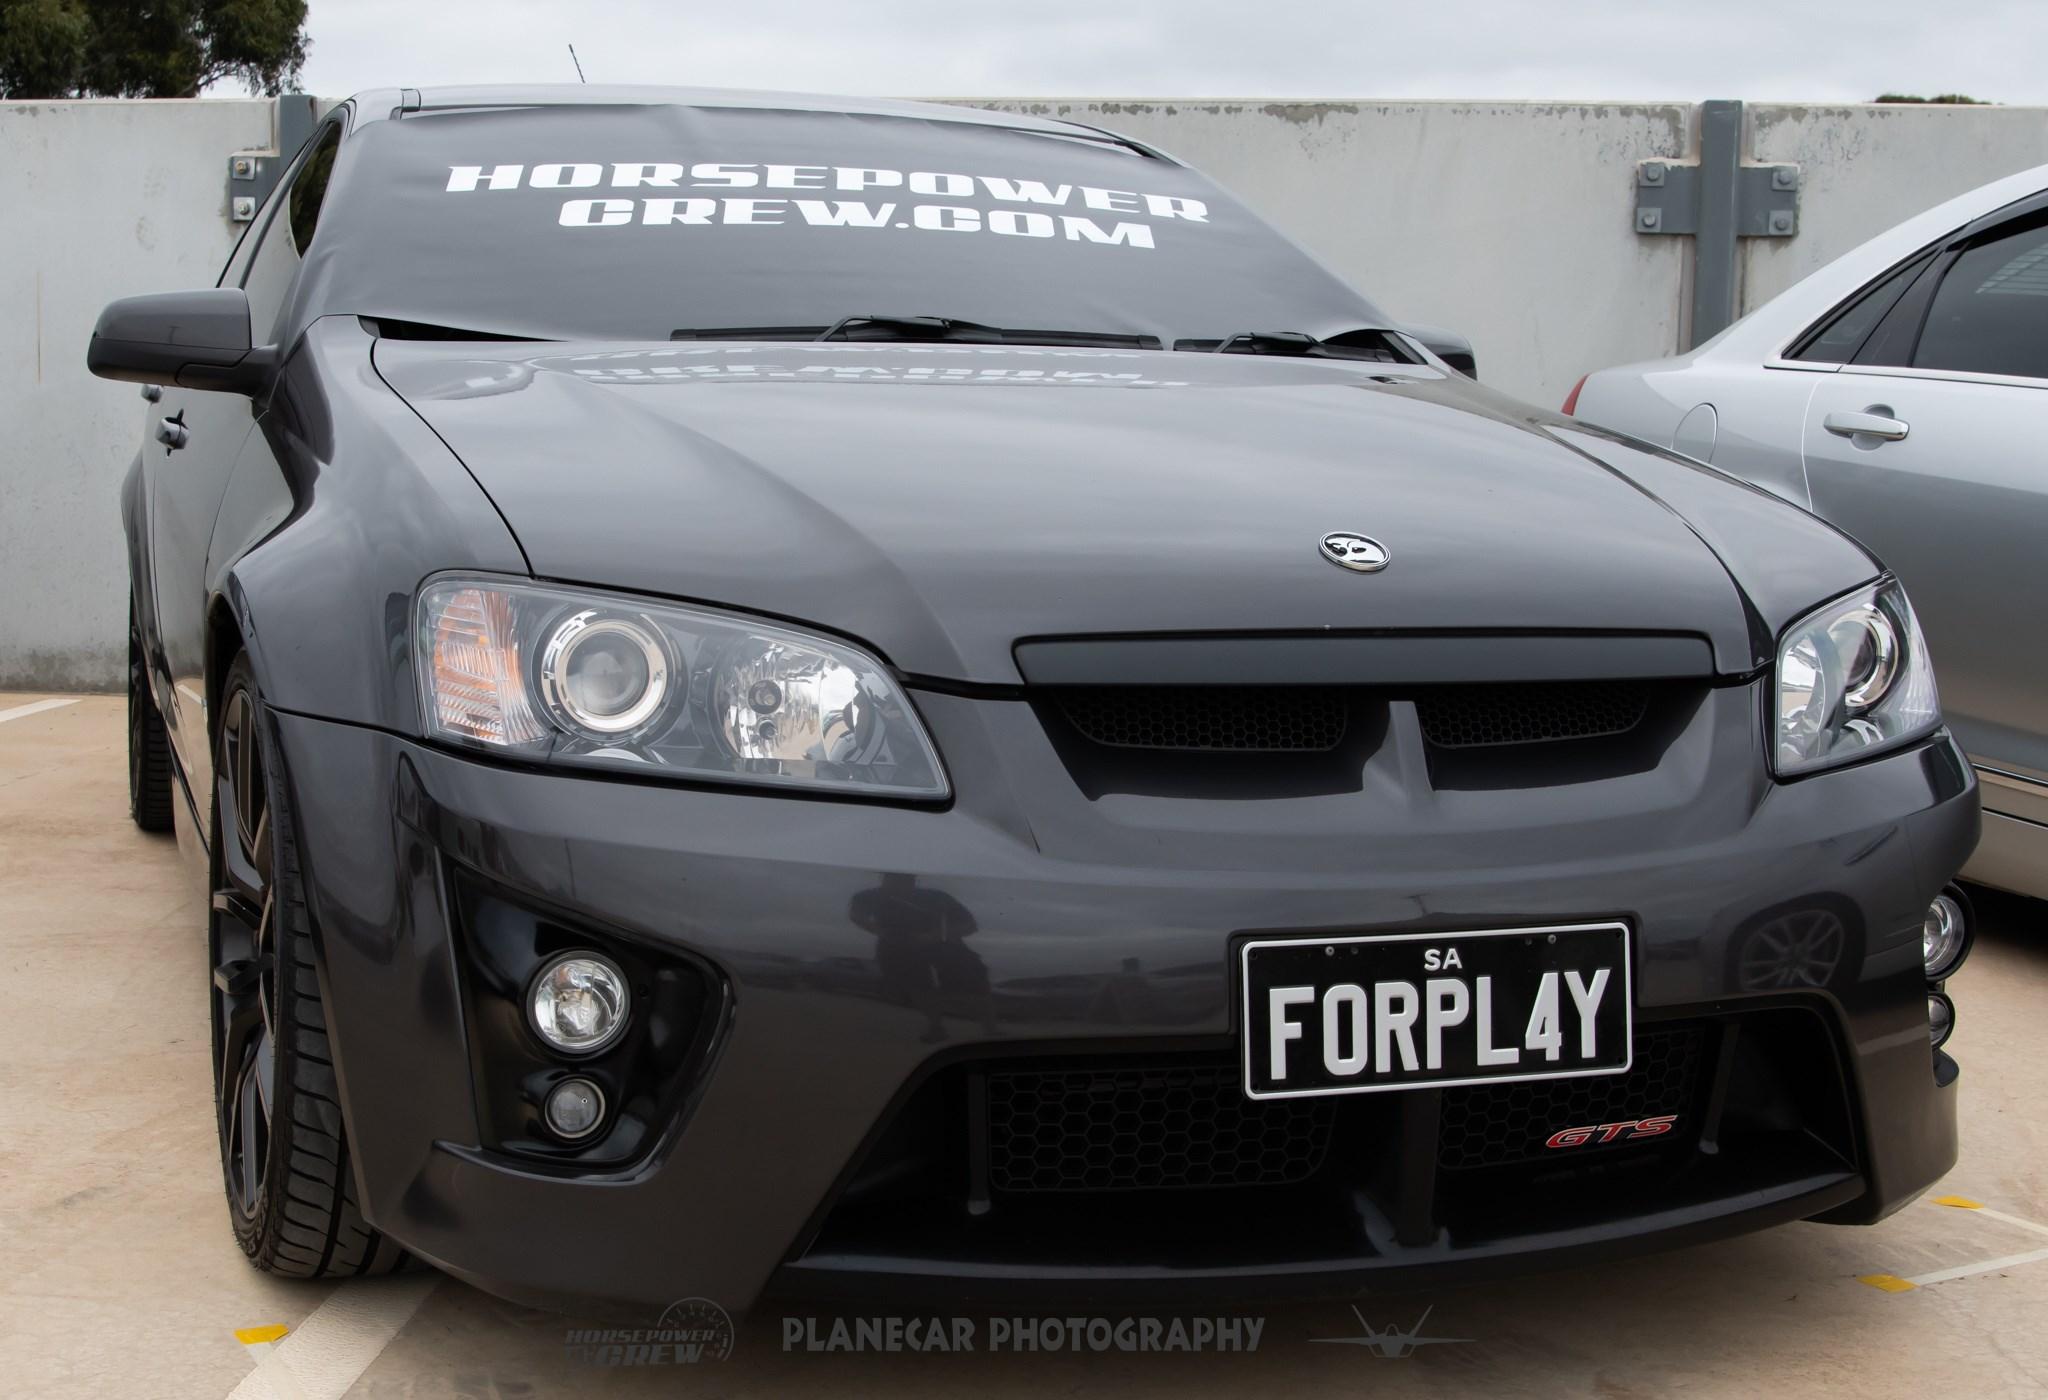 windscreen-cover-dot-com-Modern-size-white-on-Black-Holden